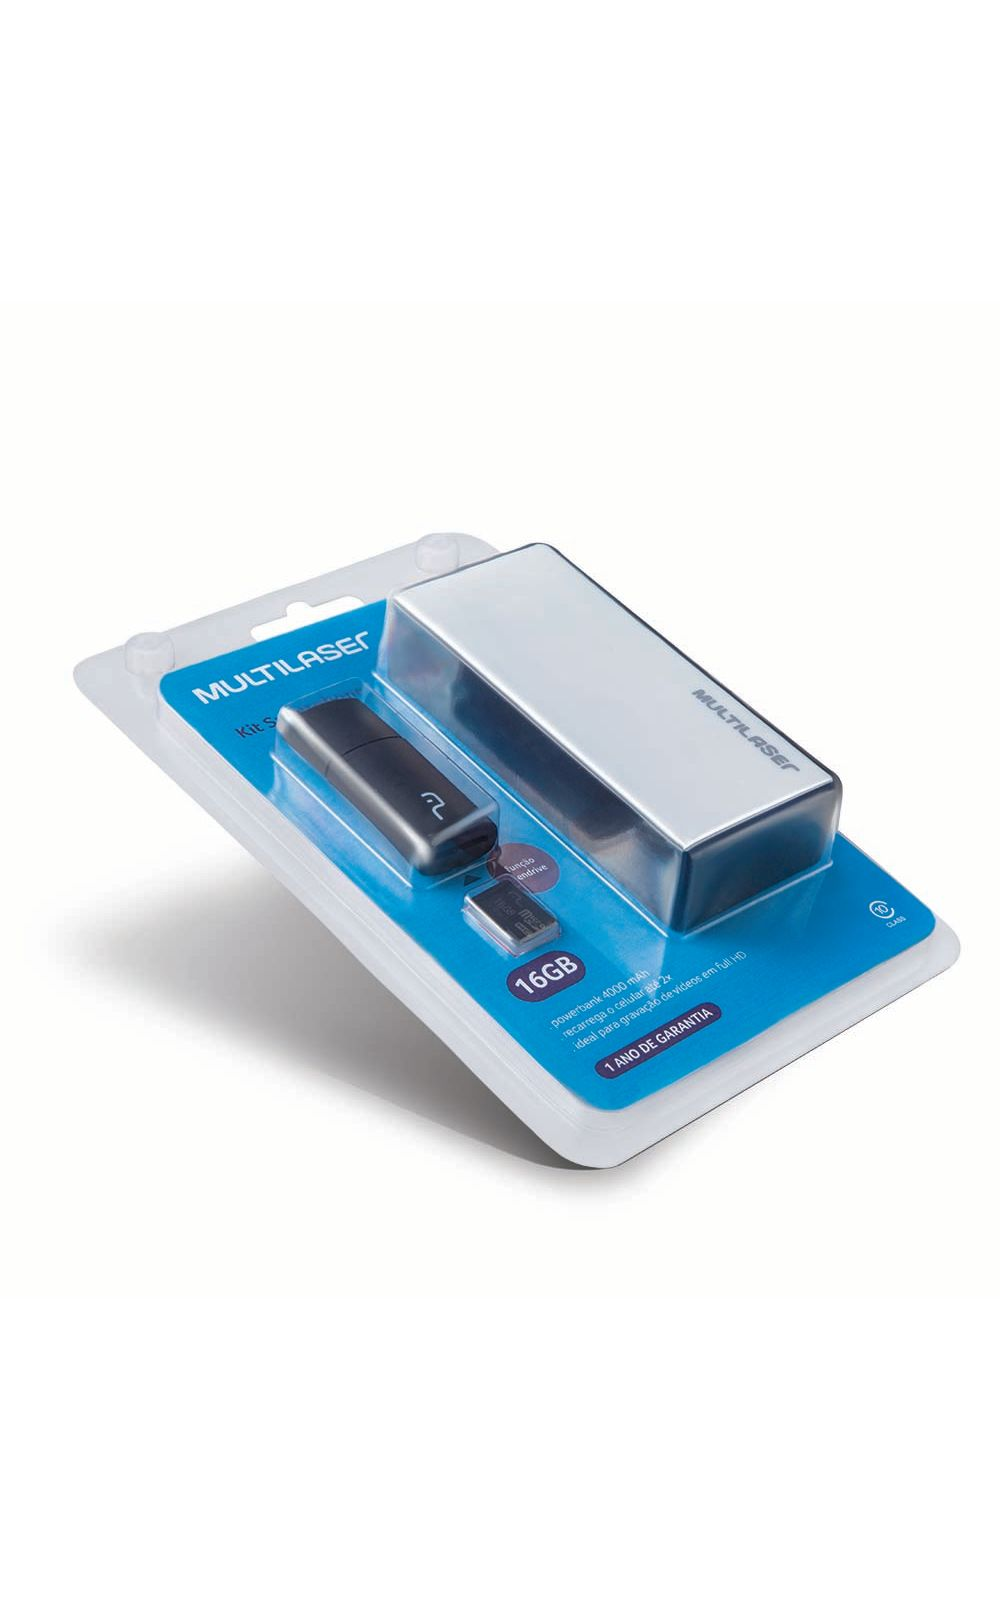 Foto 14 - Kit Power Bank + Pendrive + Cartão de Memória Micro SD com 16GB Multilaser - MC220